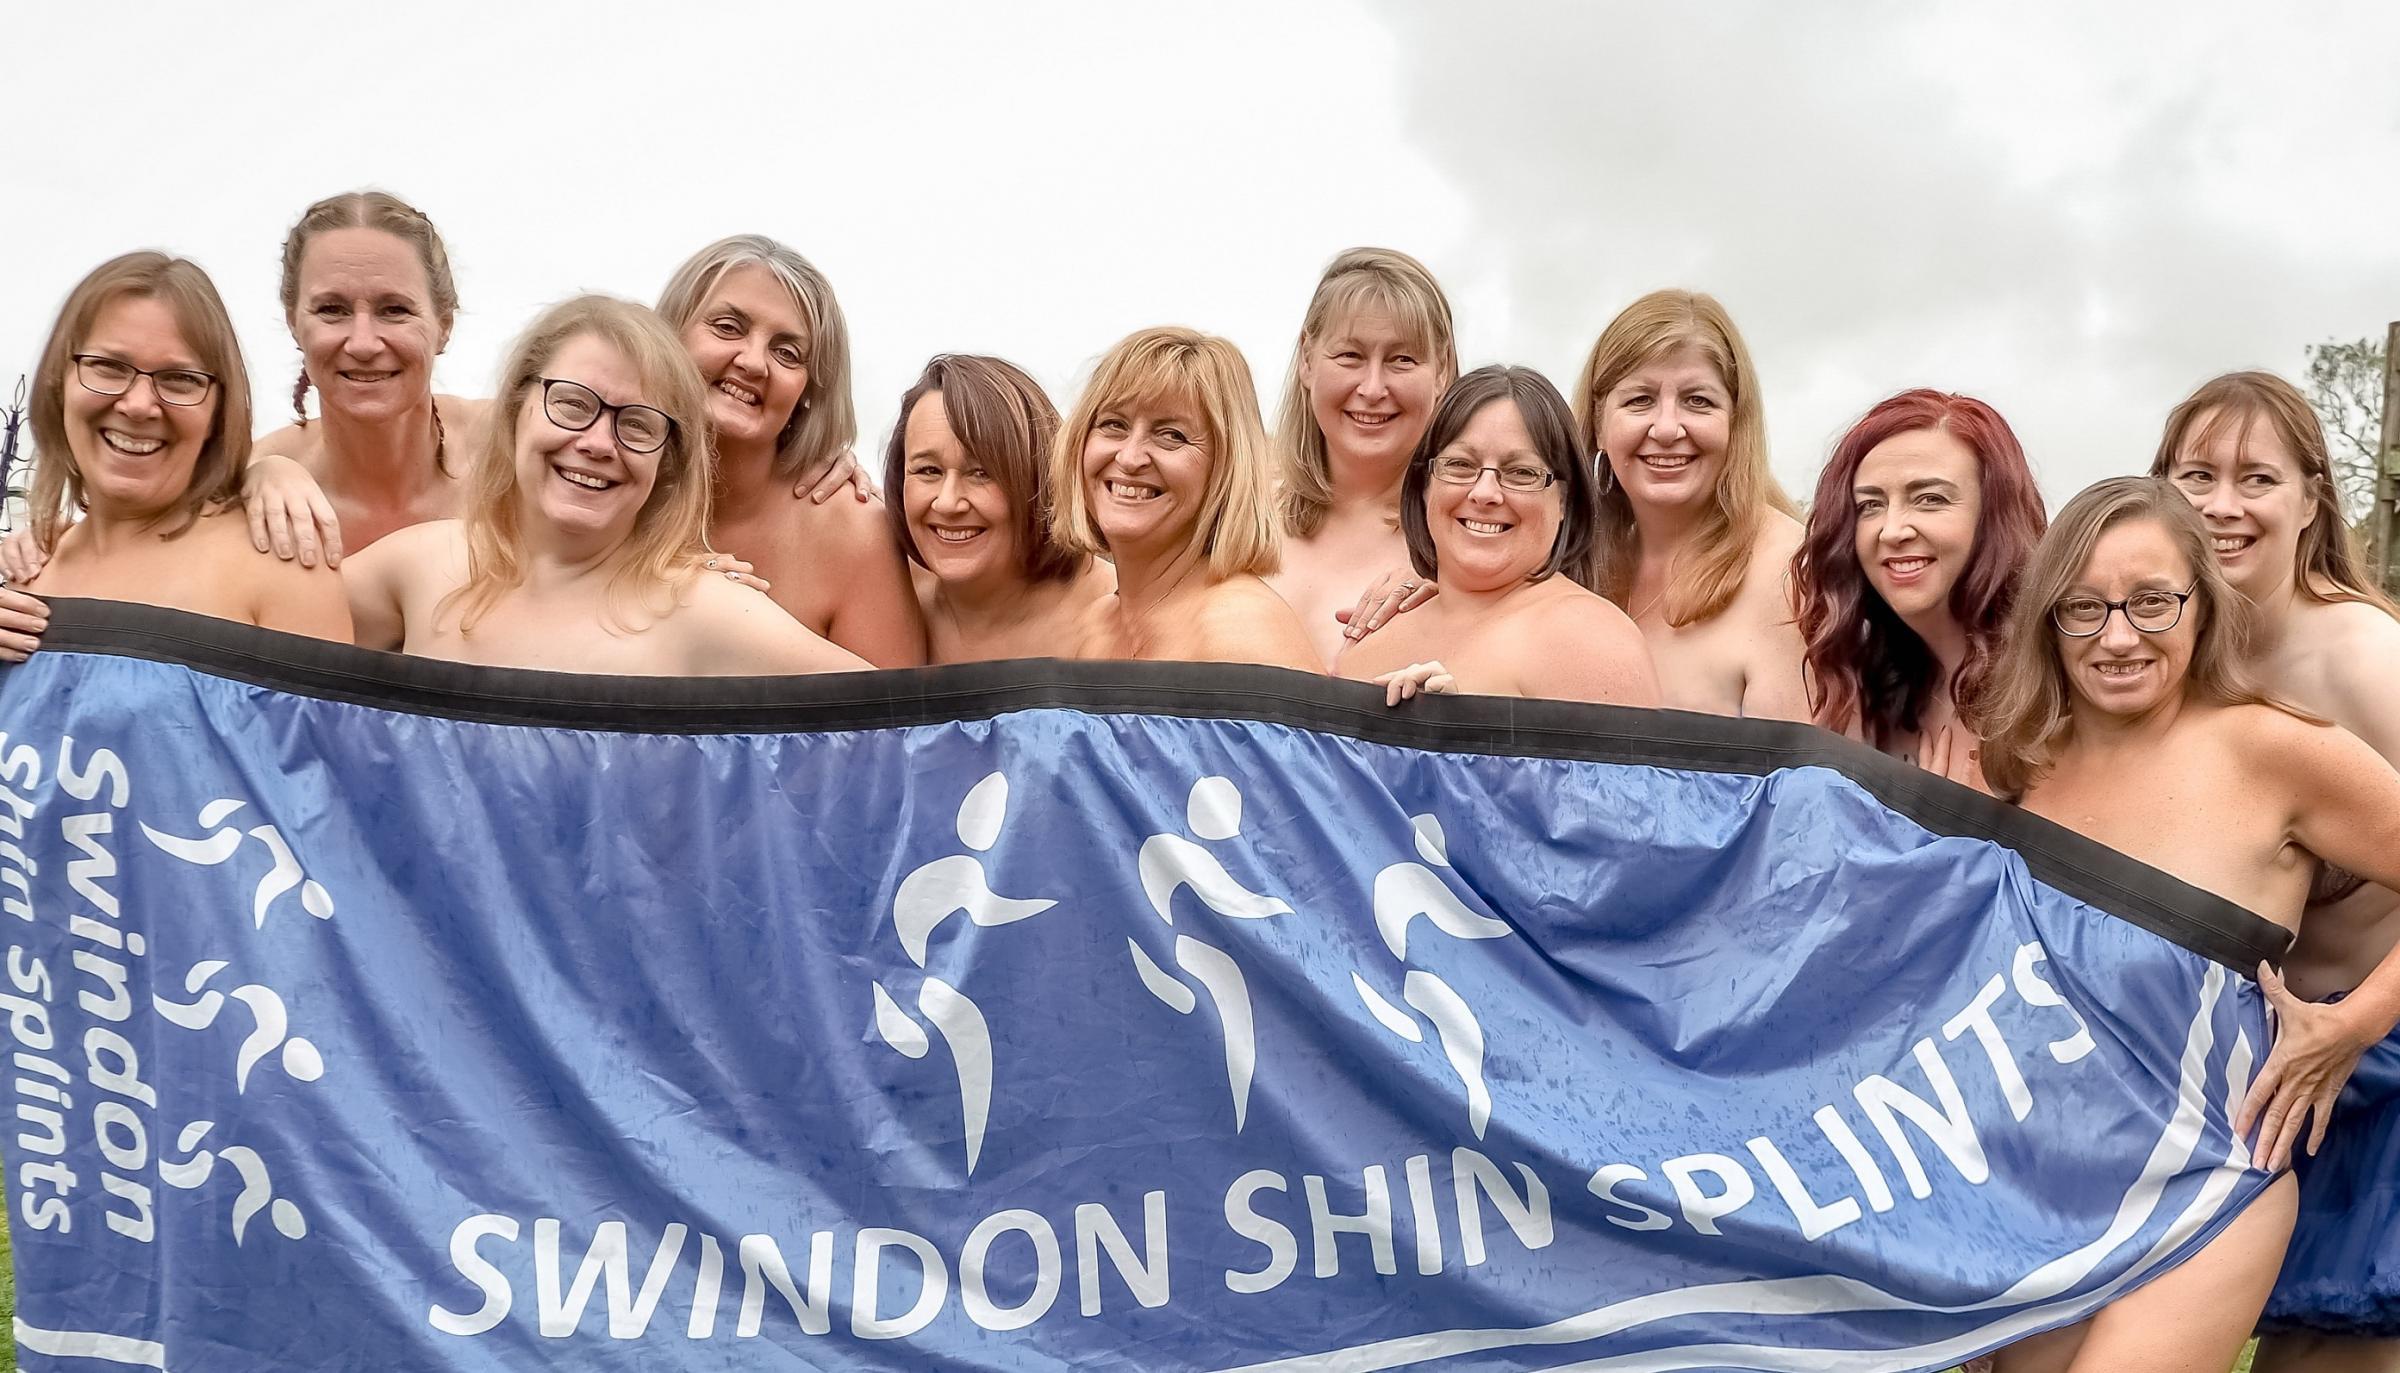 Fund raising risque nude calendars